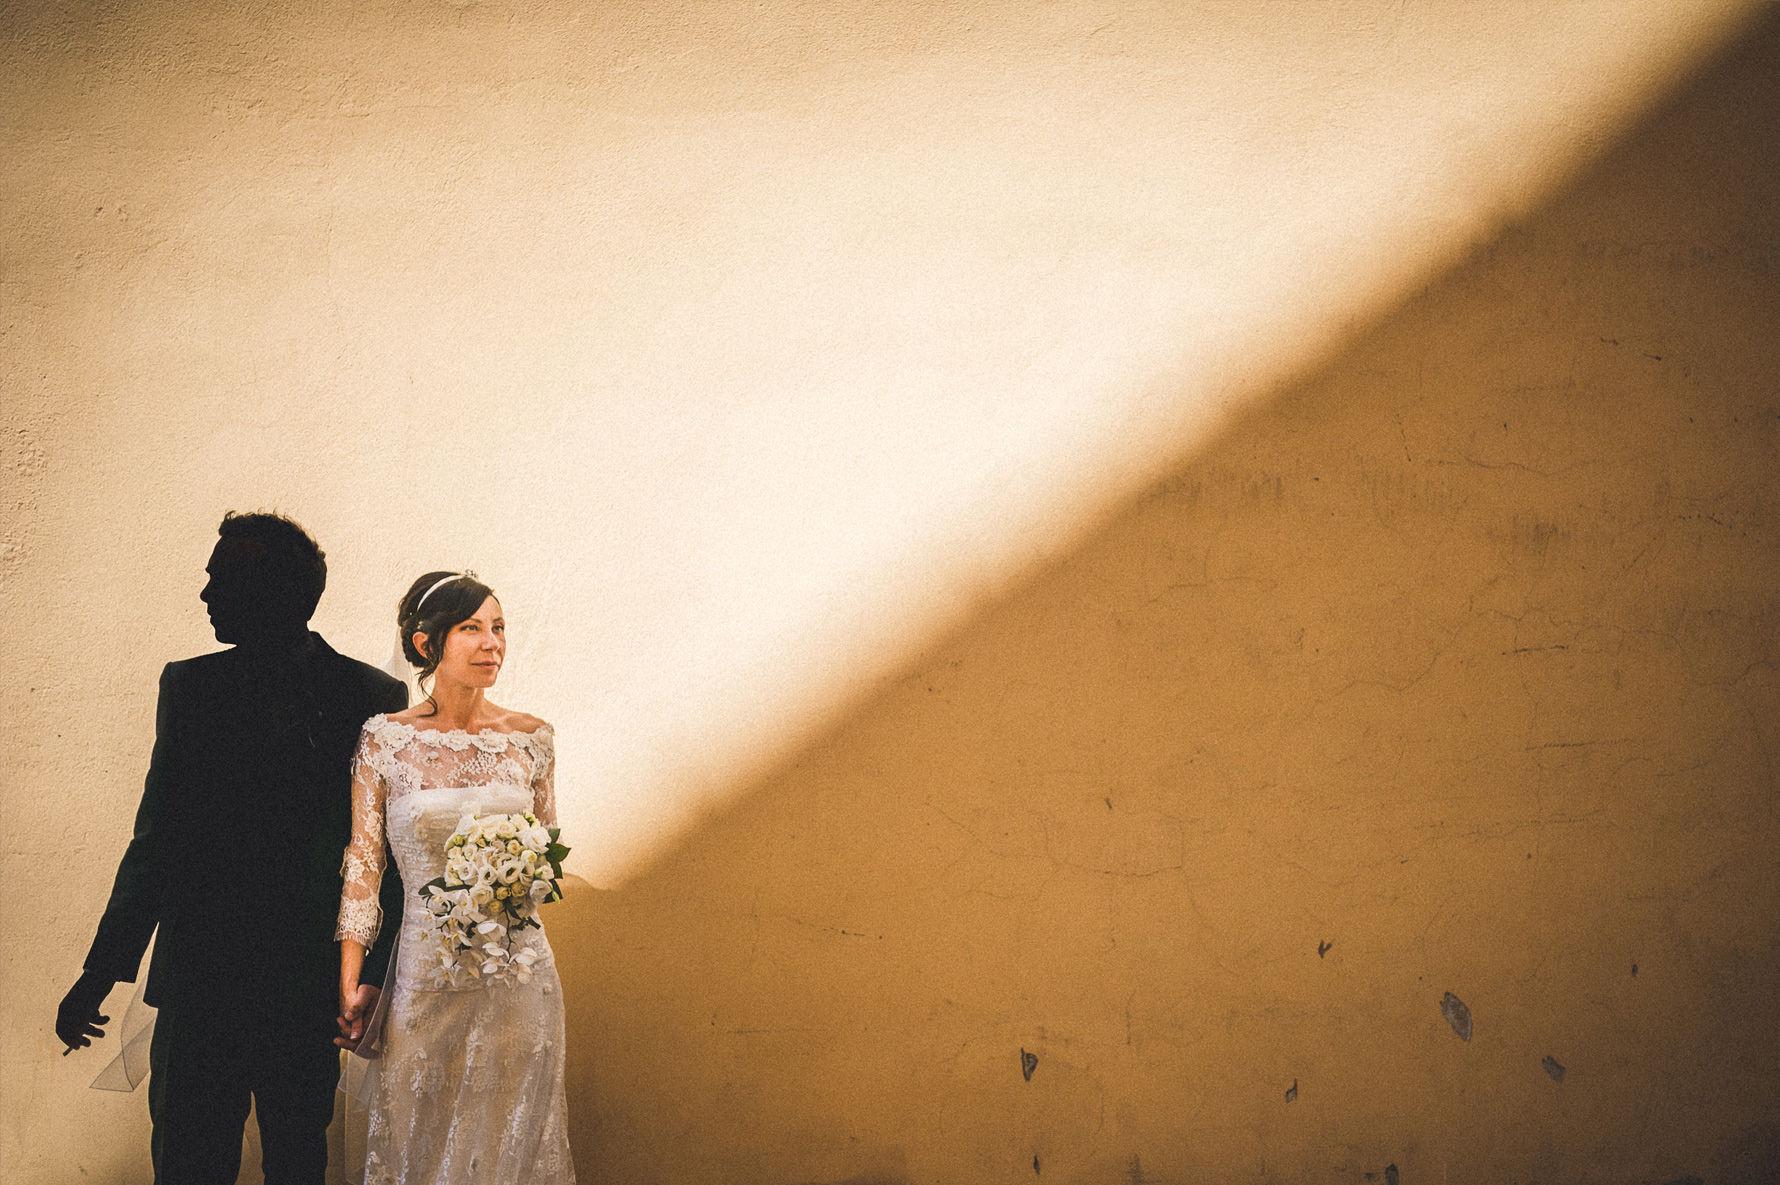 matrimonio-poppi-livio-lacurre-fotografie